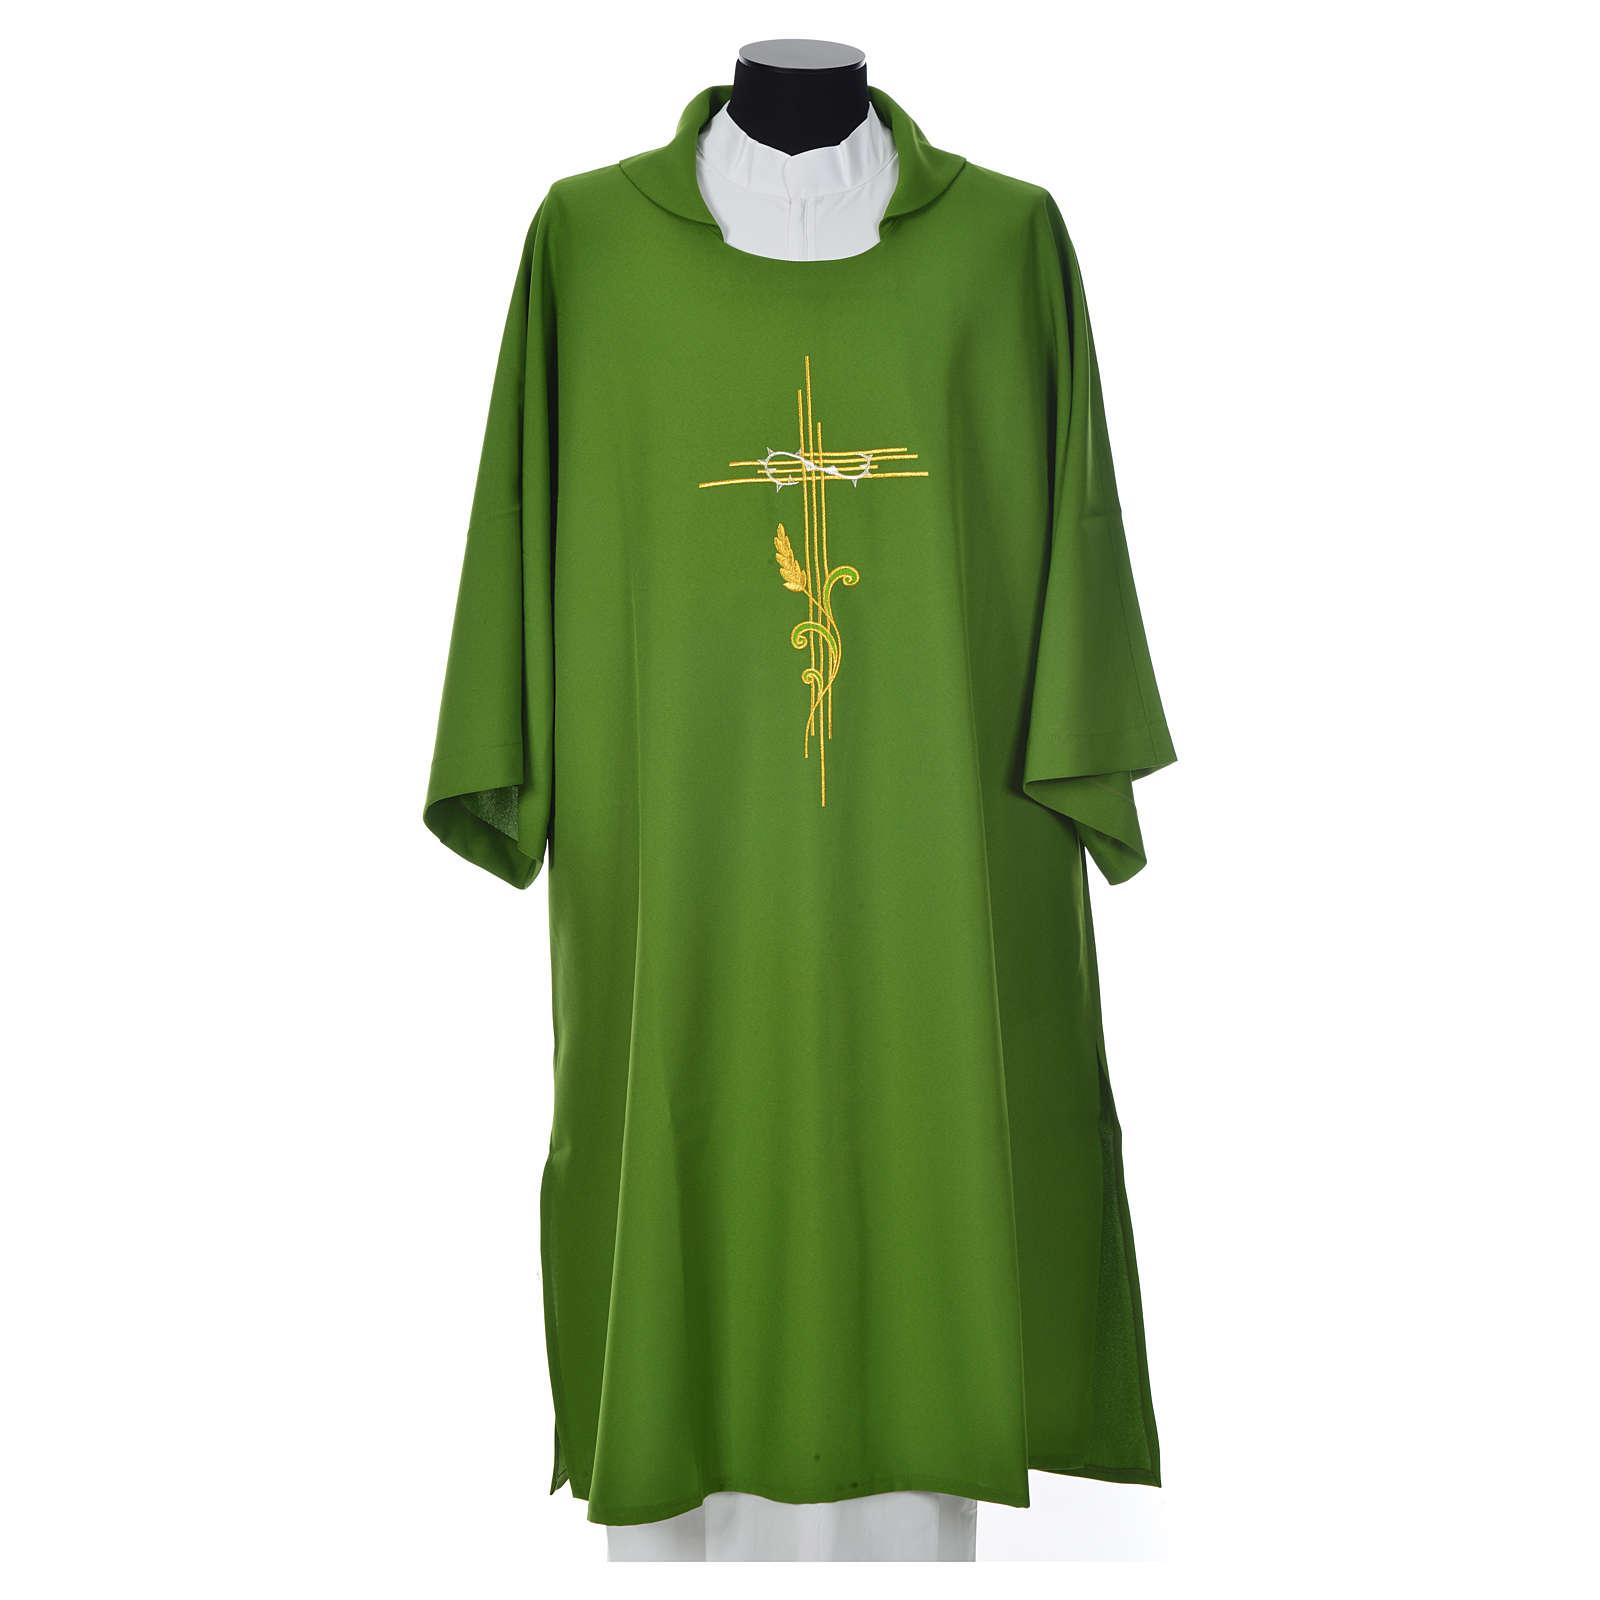 Dalmatique croix stylisée 100% polyester 4